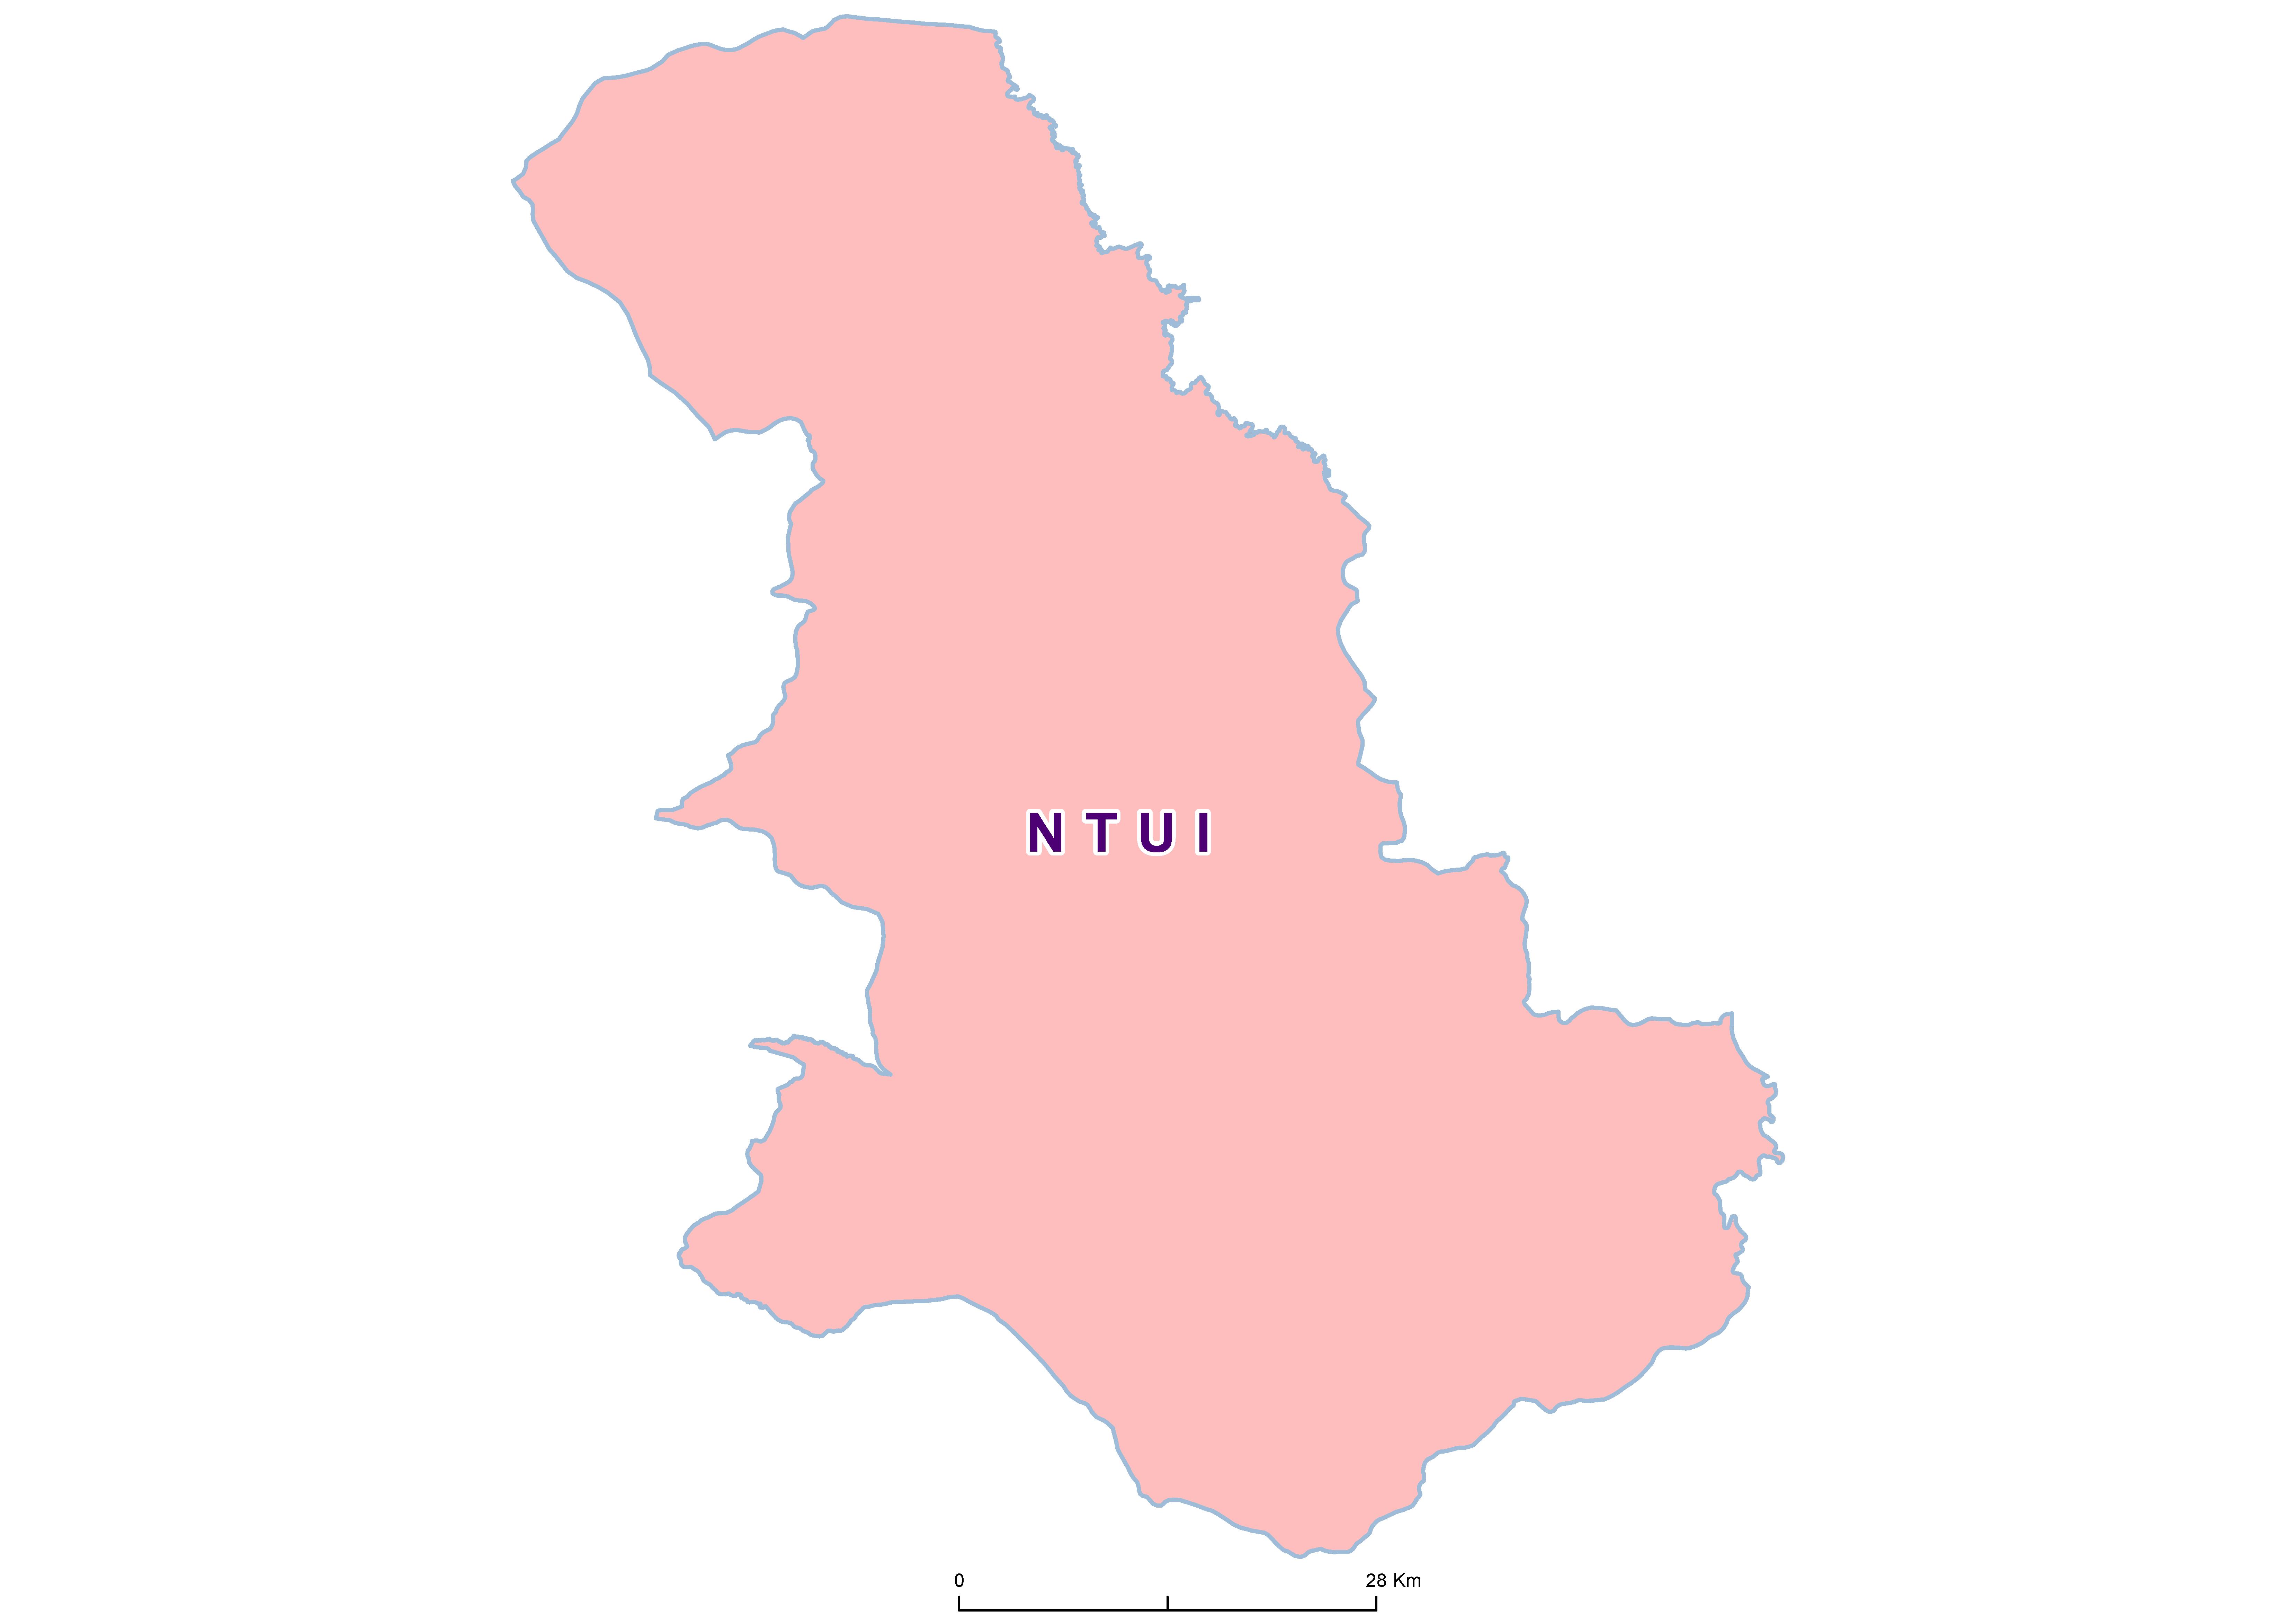 Ntui Mean SCH 19850001